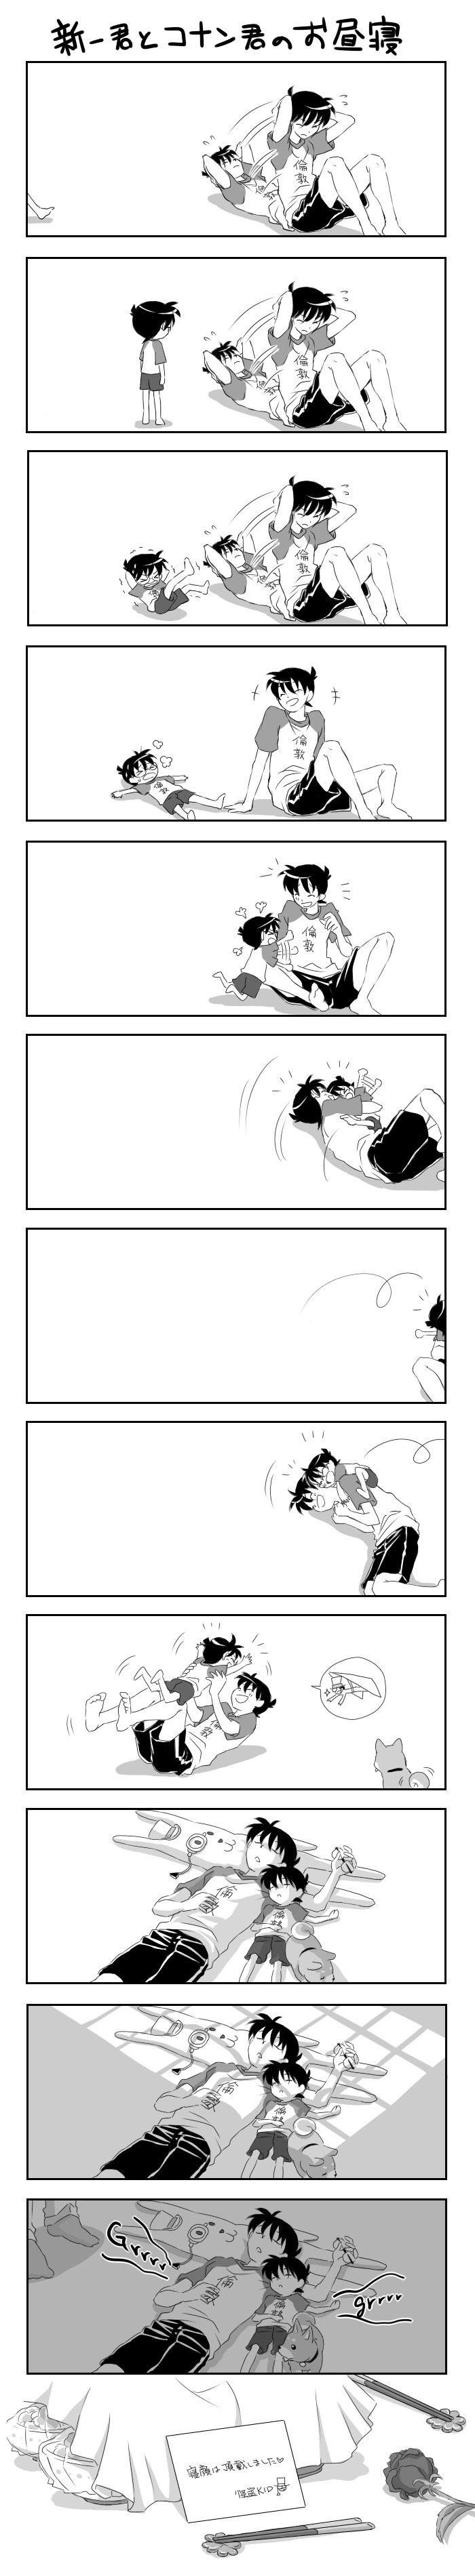 Azs, Meitantei Conan, Magic Kaito, Kuroba Kaito, Kudou Shinichi, Edogawa Conan